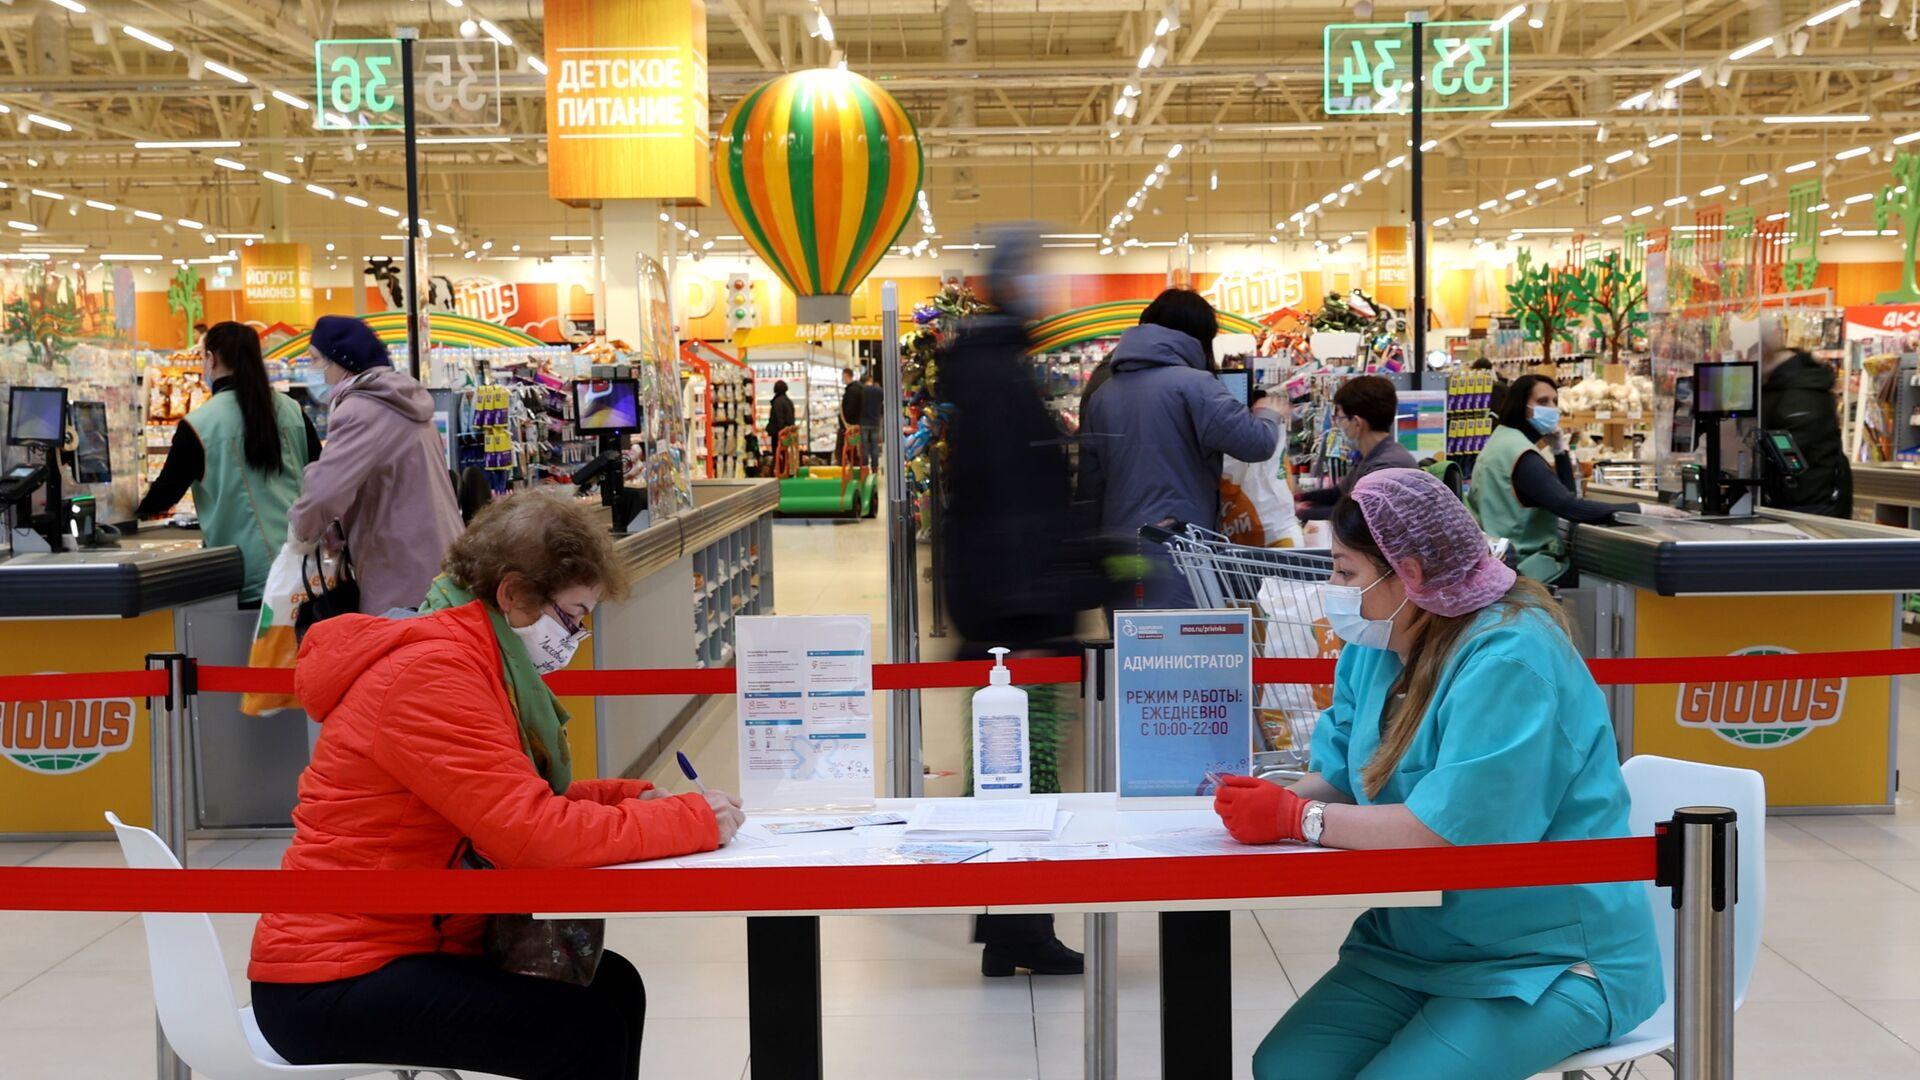 Женщина заполняет документы перед вакцинацией от COVID-19 российской вакциной Спутник V (Гам-КОВИД-Вак) в гипермаркете Глобус в Москве - Sputnik Латвия, 1920, 31.05.2021